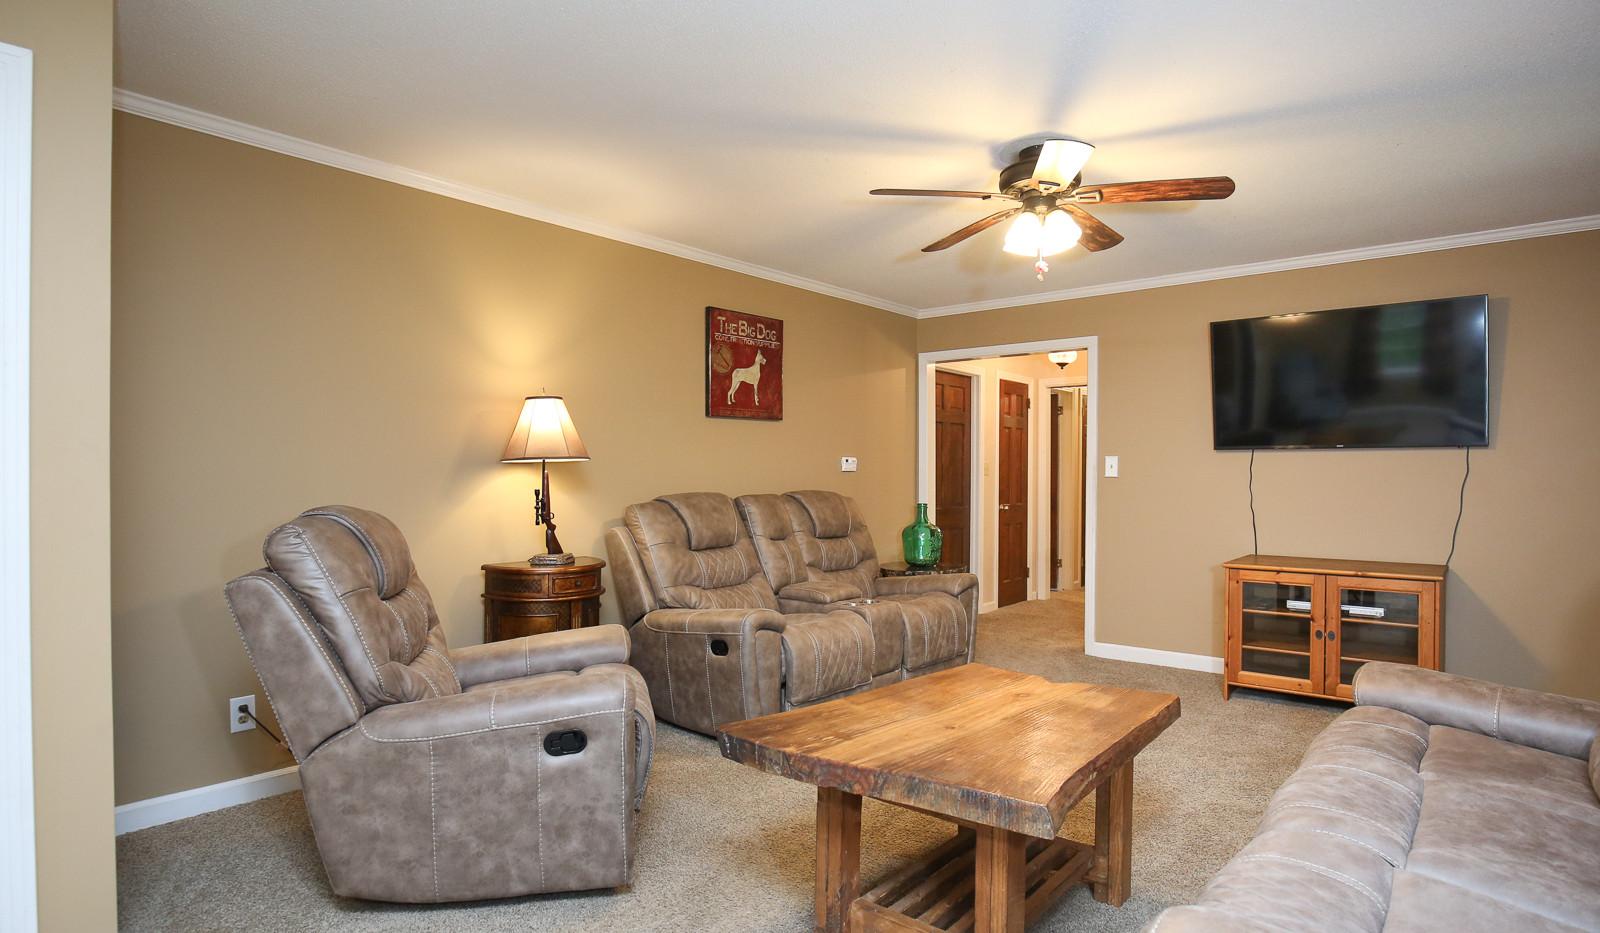 007_294_barnes_ave_living_room.jpg